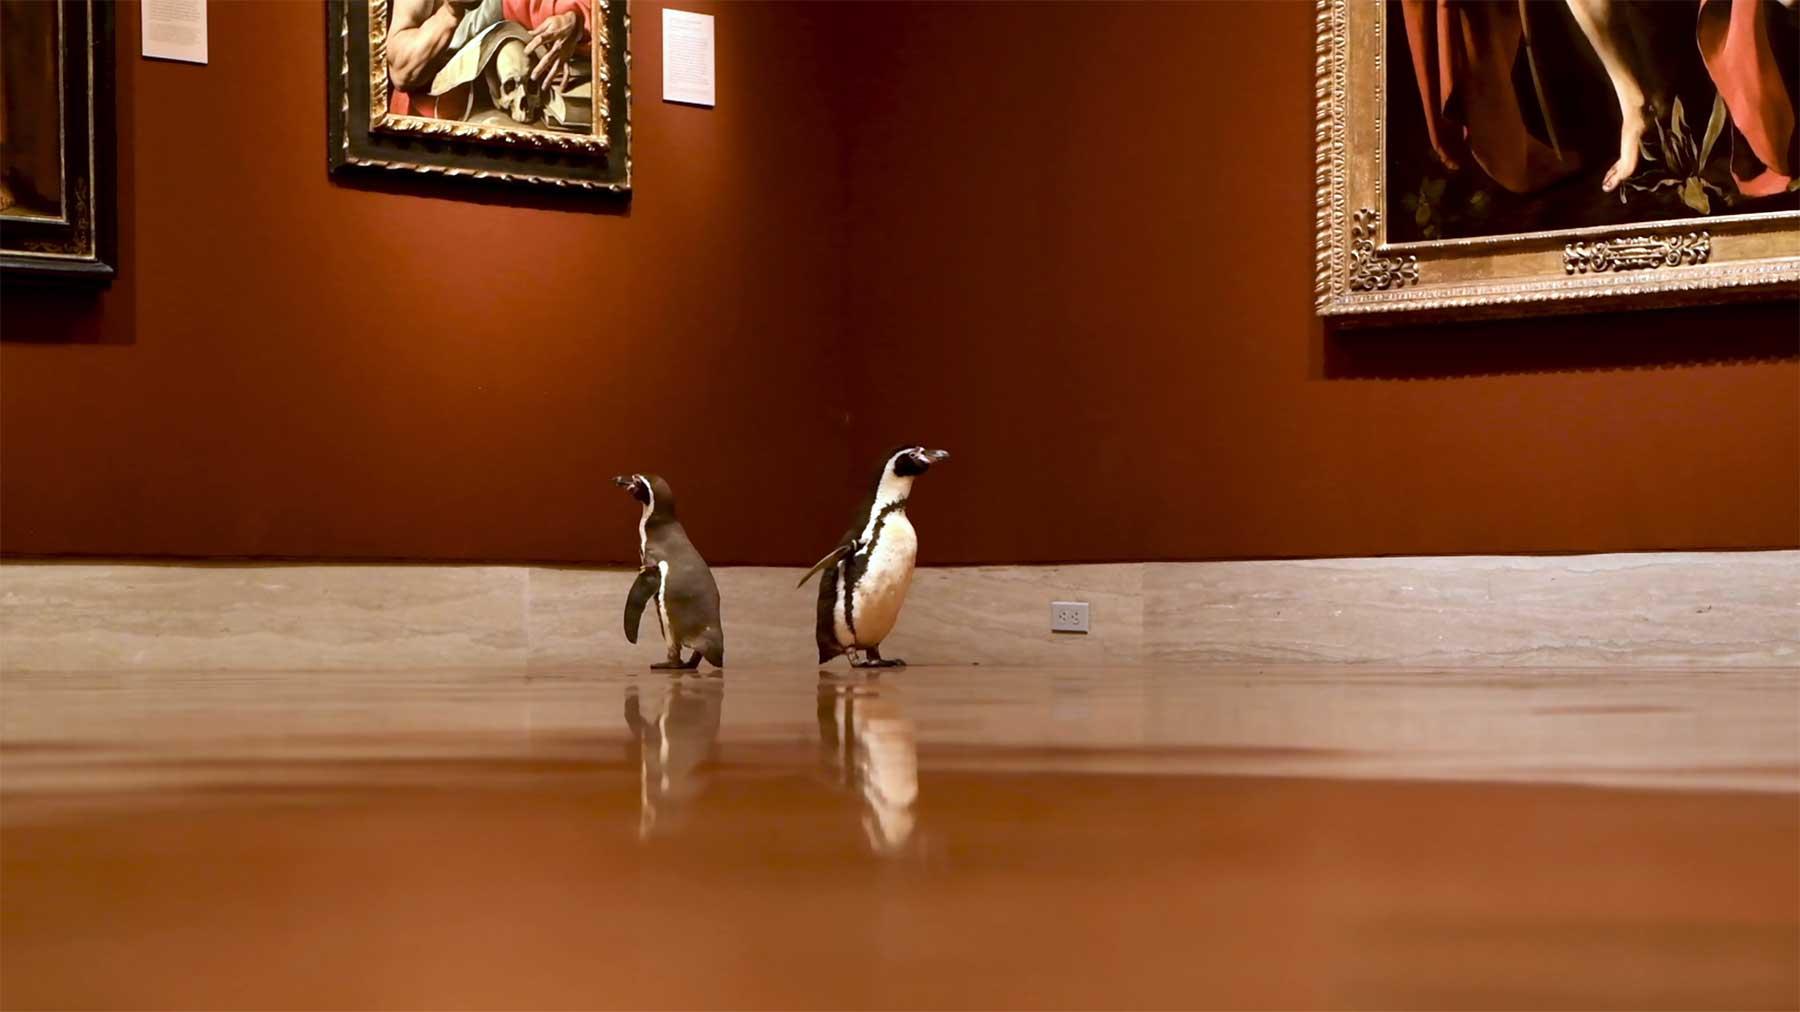 Nur ein paar Pinguine, die durch ein Museum laufen